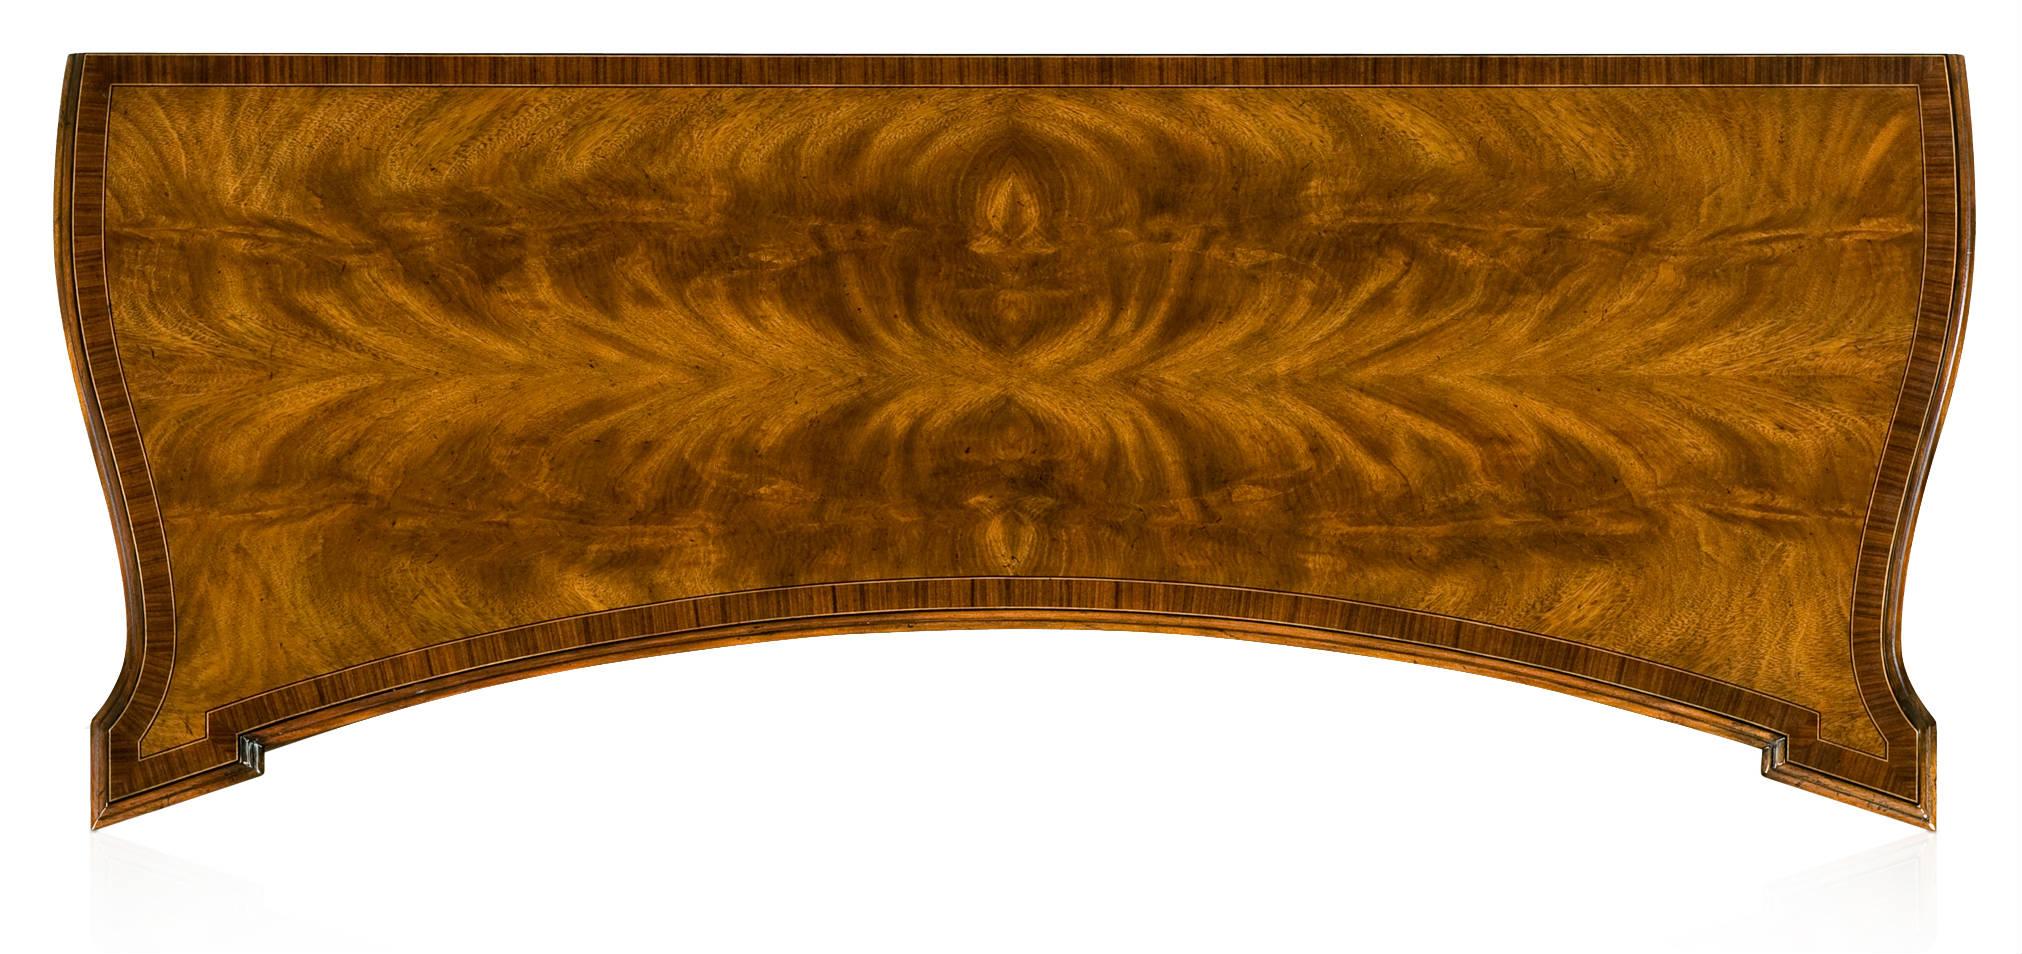 Regency style side cabinet